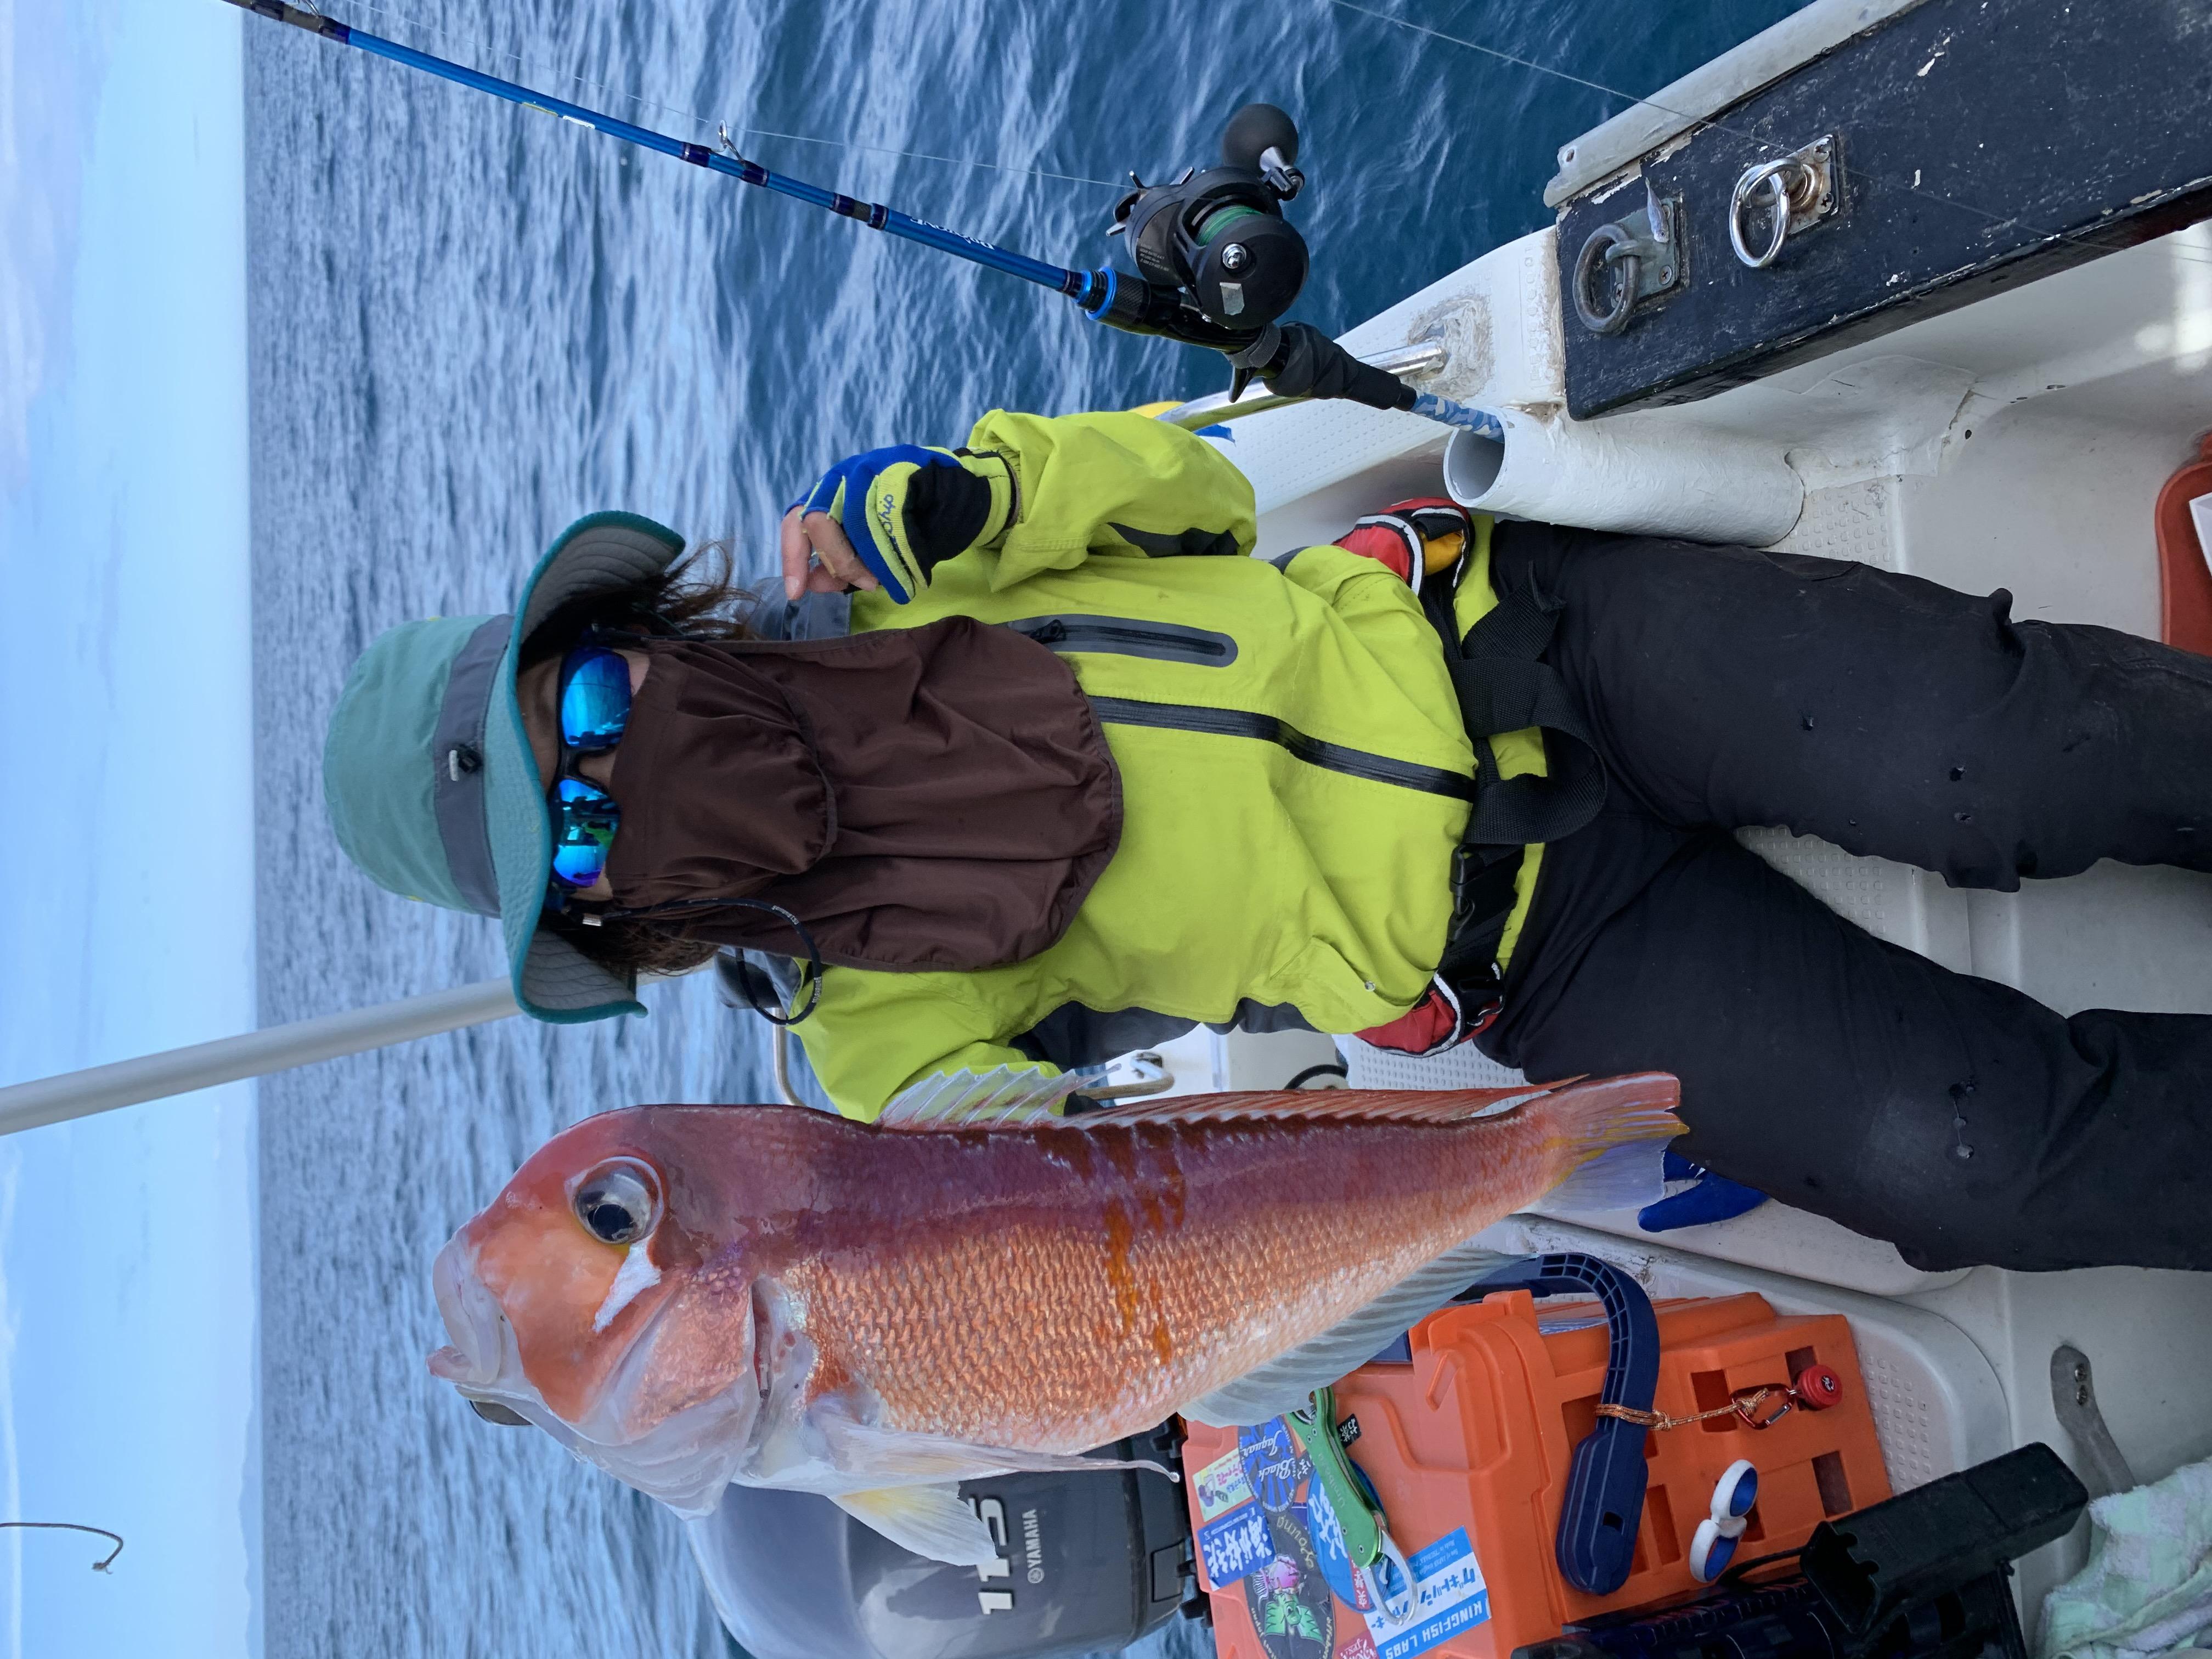 島根県松江市鹿島マリーナ遊漁船 魚寛-UOTORA-釣果情報 2021.05.13